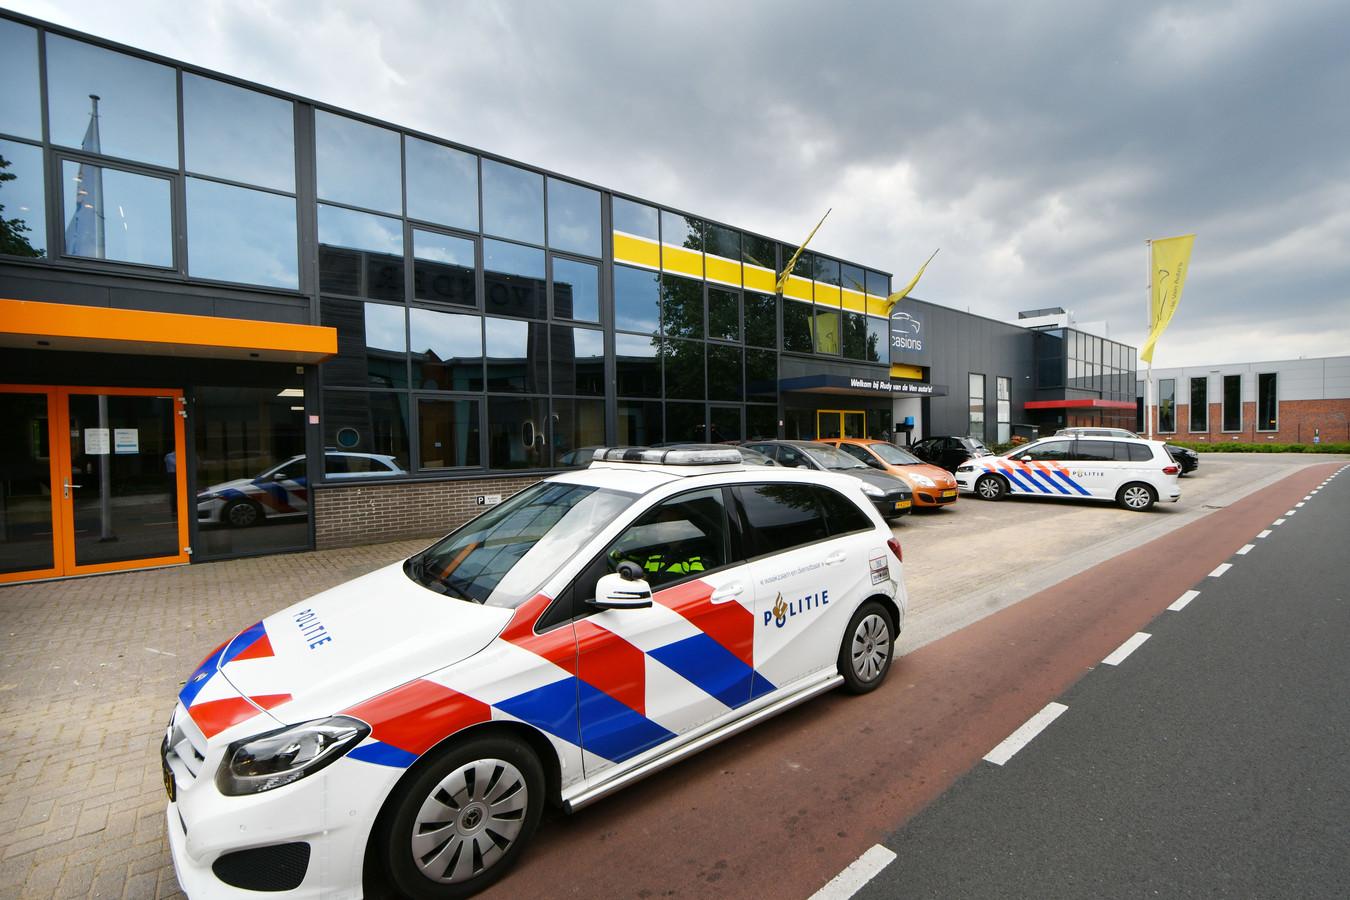 Een flink aantal politieagenten was vrijdagmiddag bij de zaak van Rudy van de Ven in Enter, naar verluidt omdat er sprake was van een bedreiging.